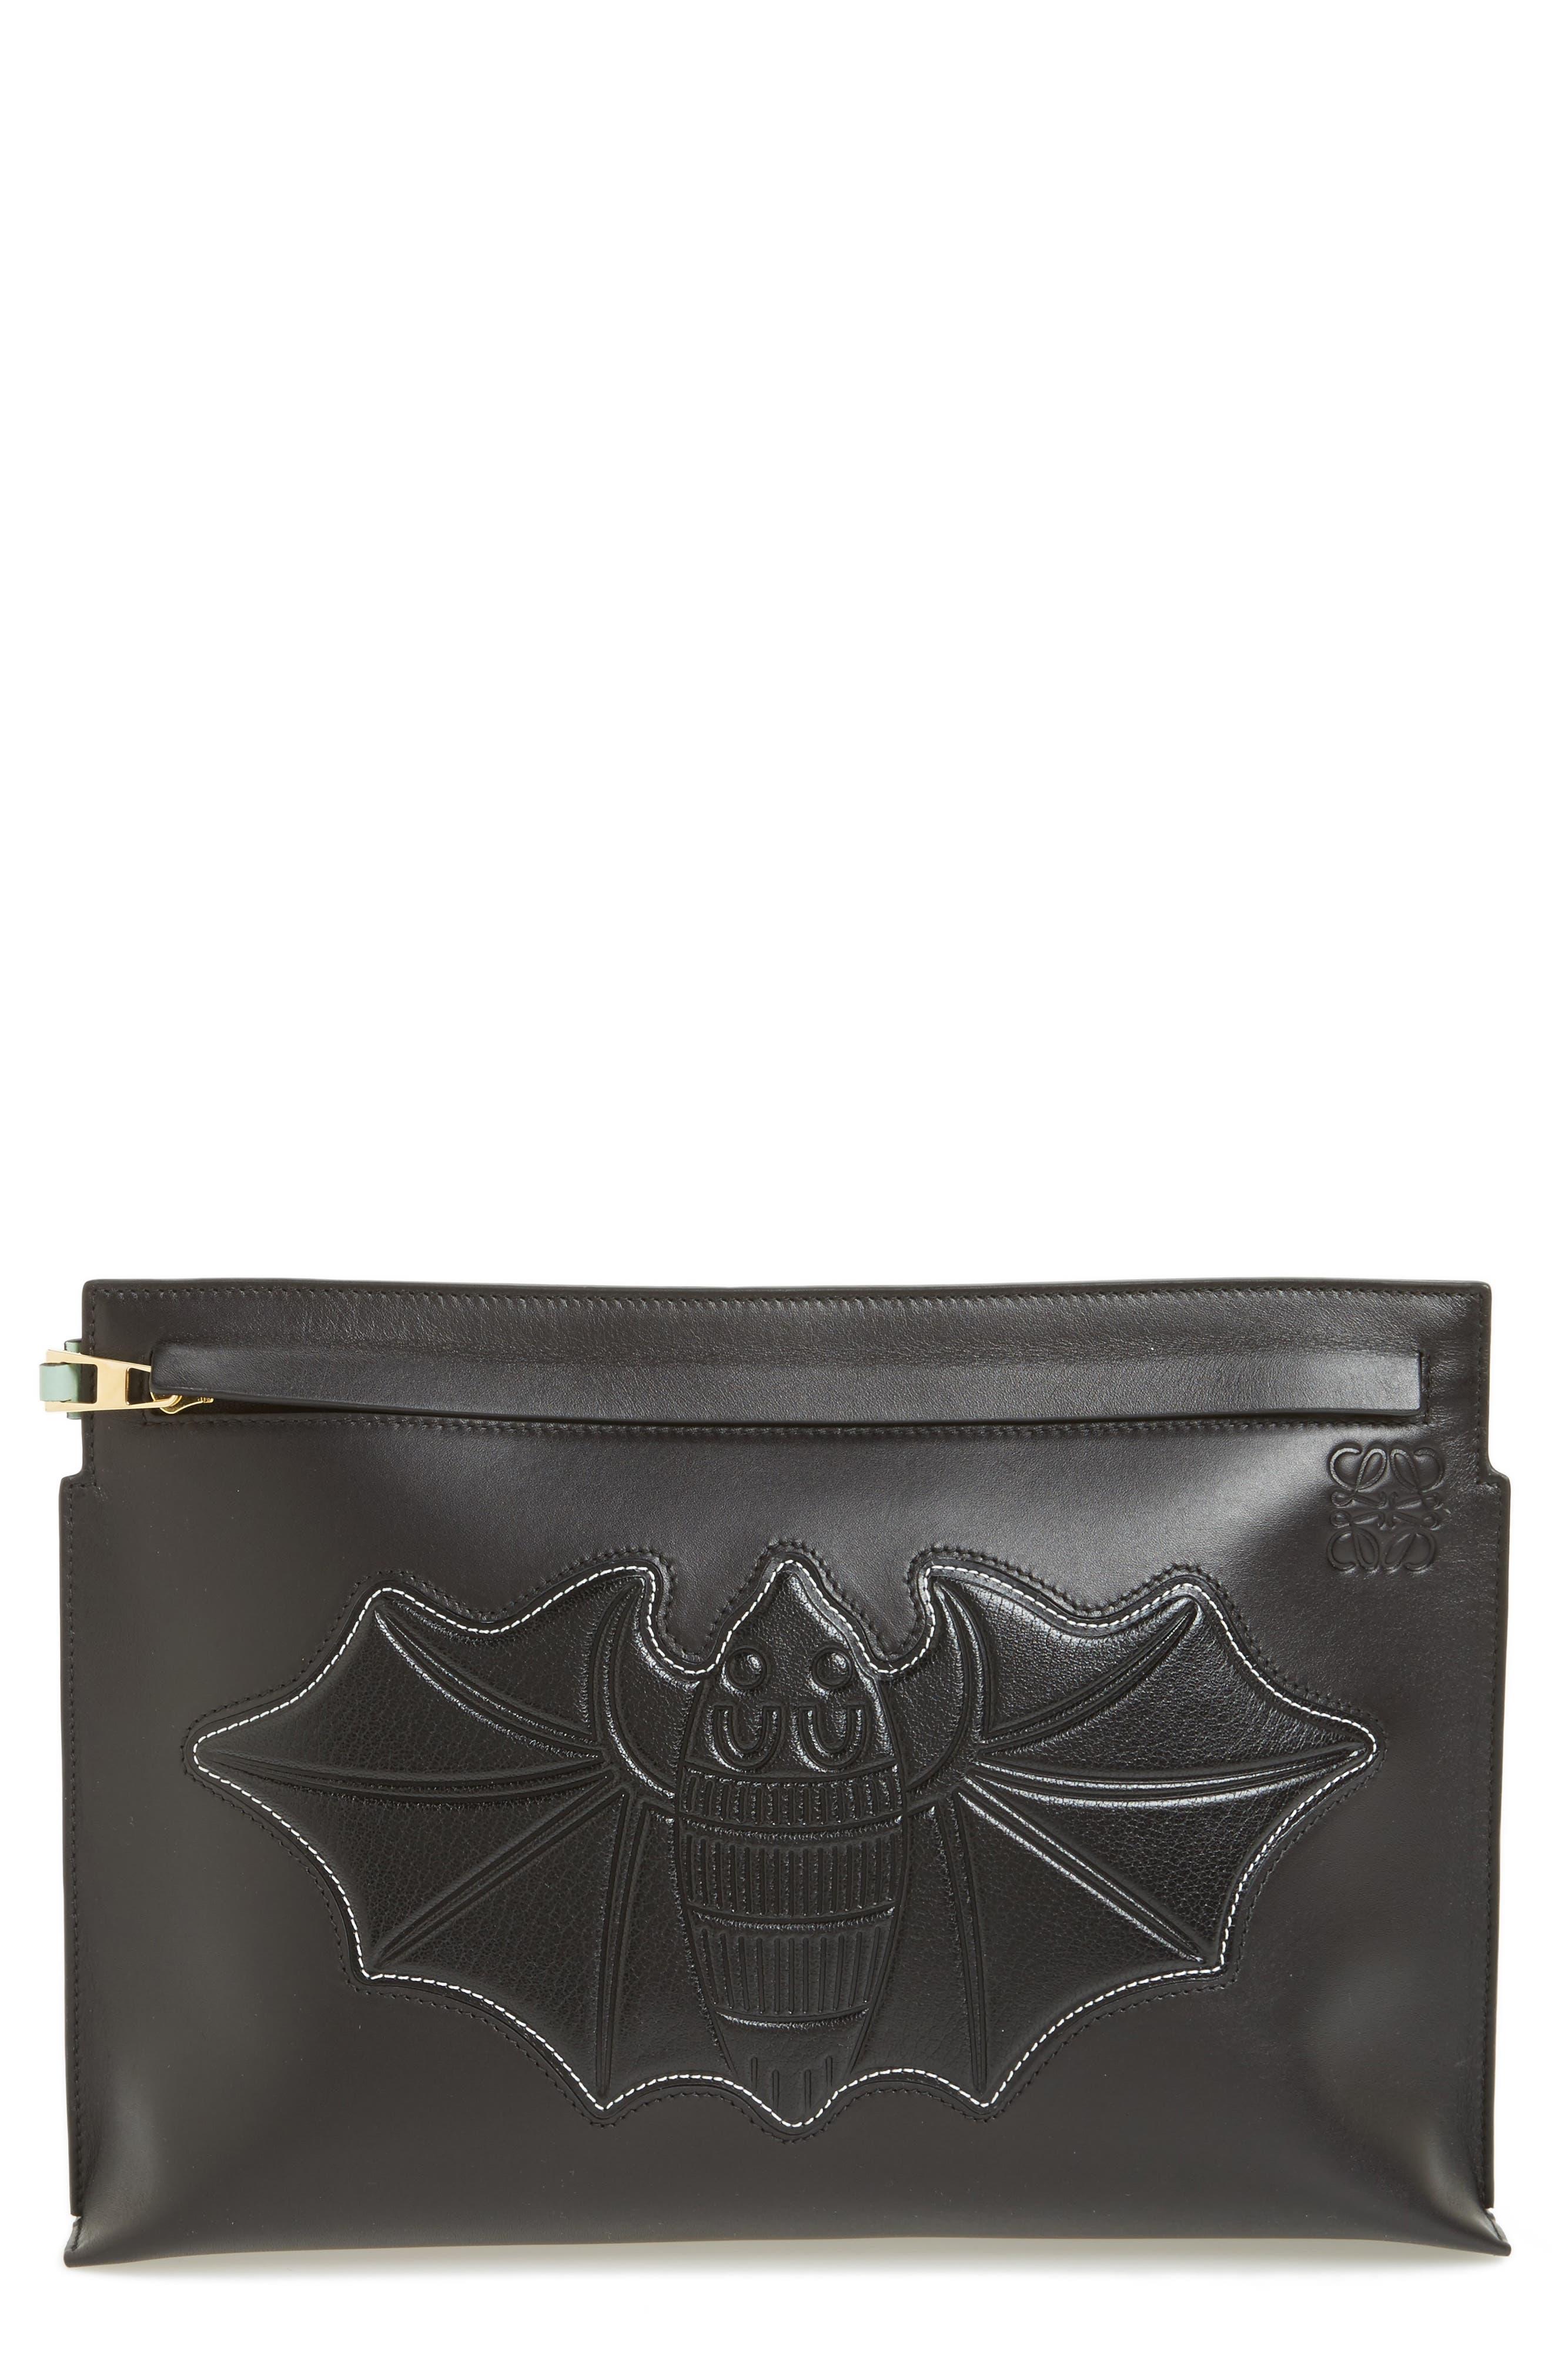 Loewe Embossed Bat Clutch